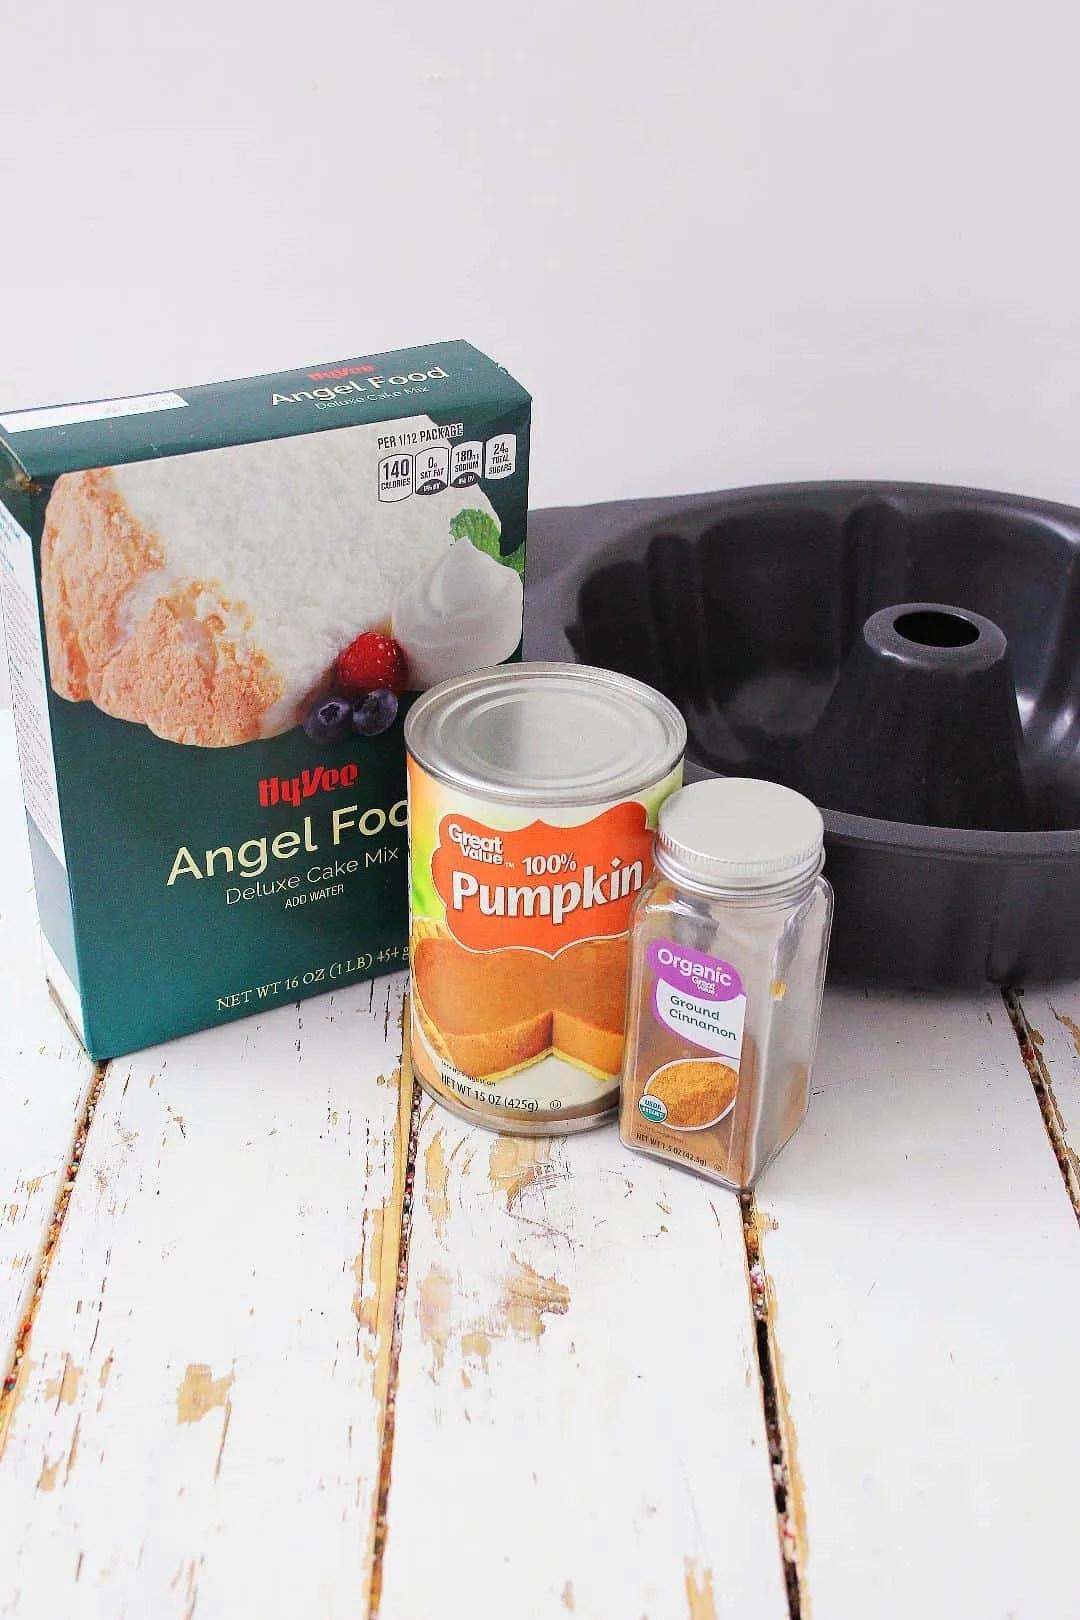 Pumpkin Angel Food Cake ingredients